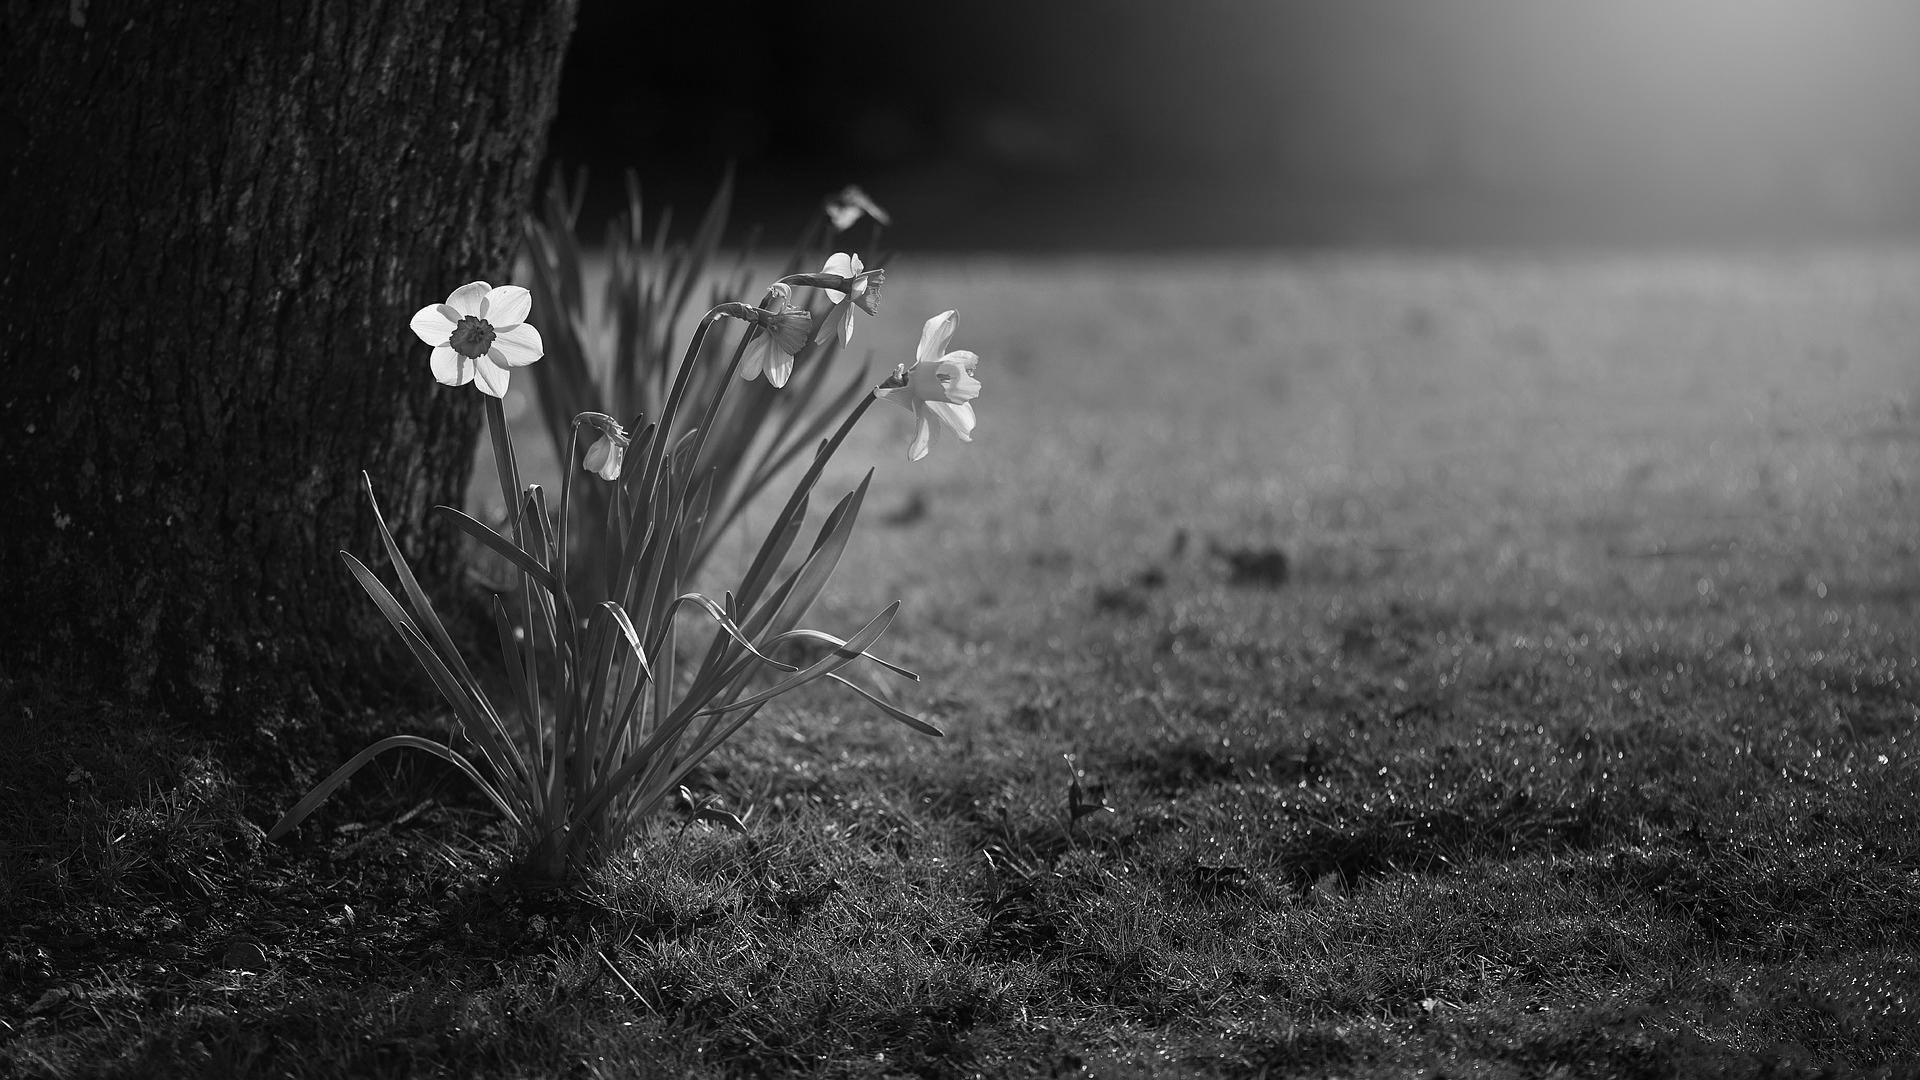 Il vento e il narciso - Emilia barbato